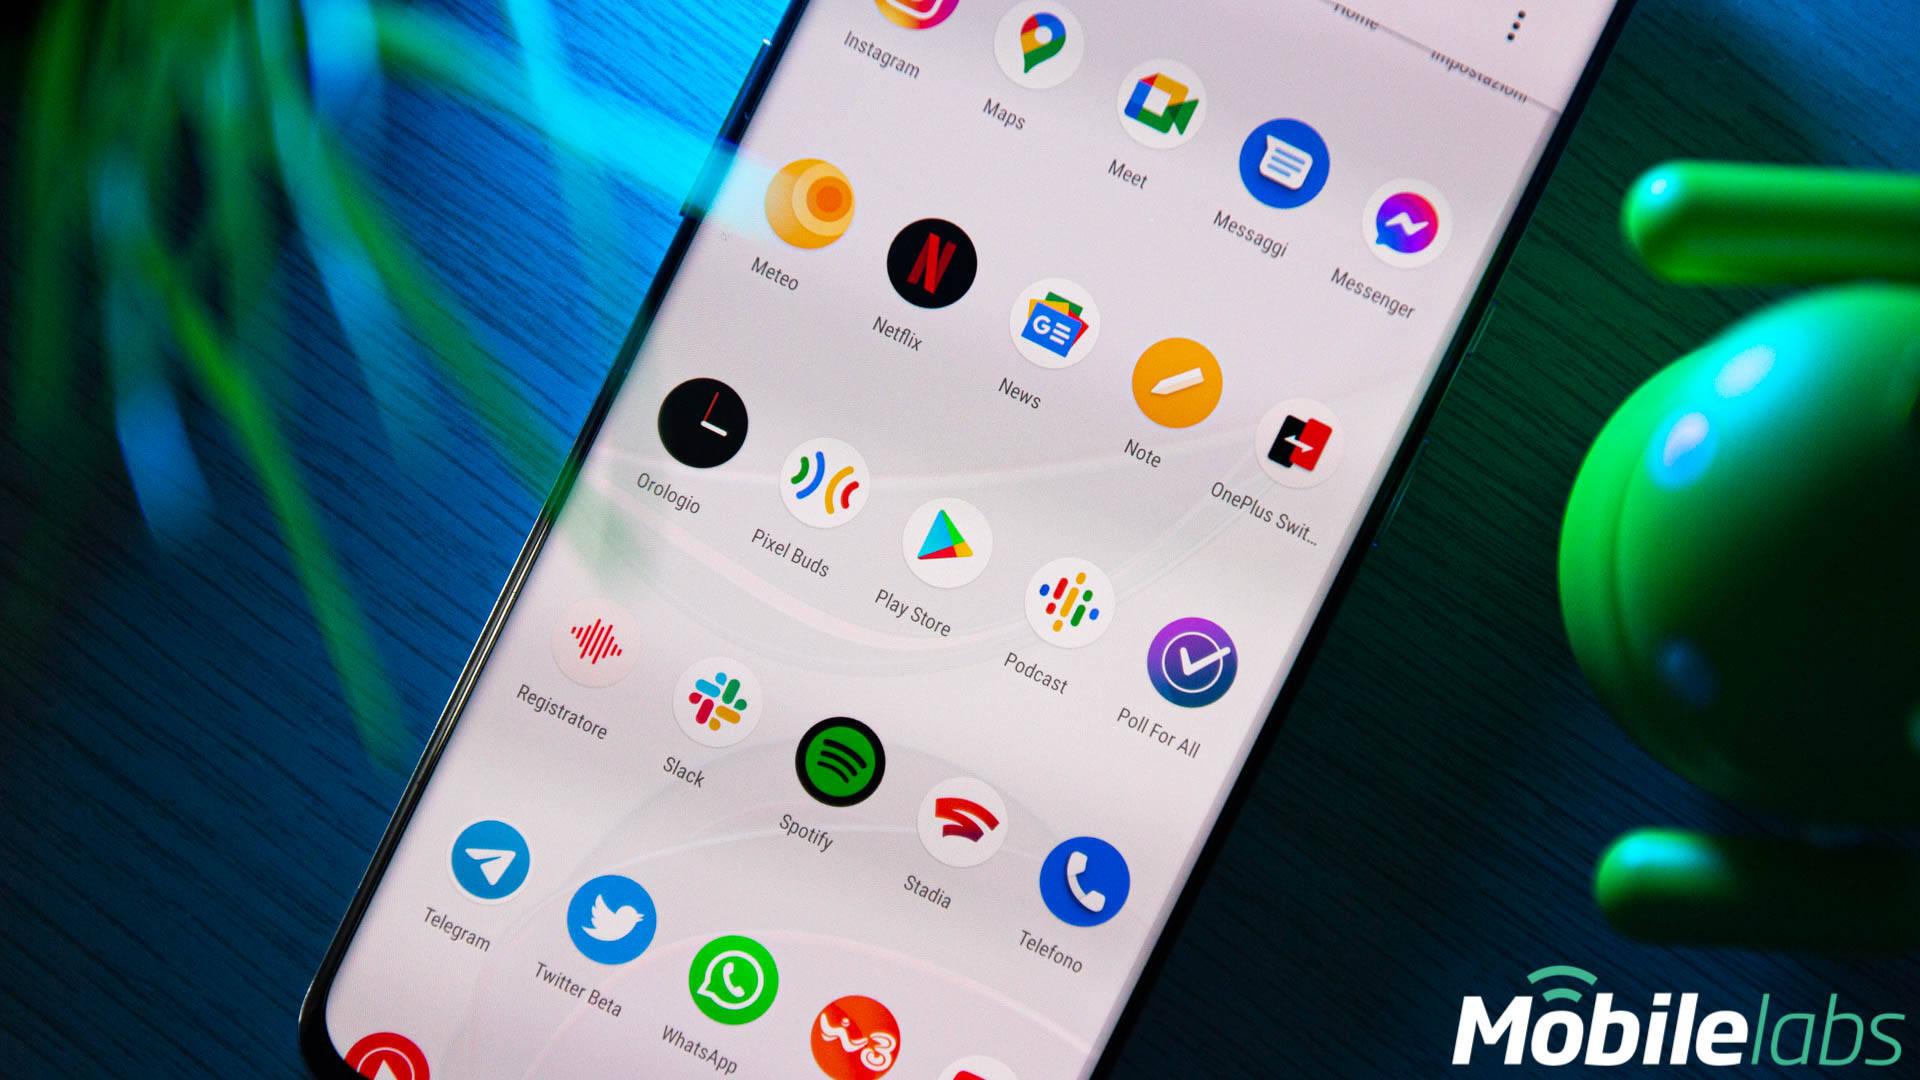 Applicazioni - Google Play Store